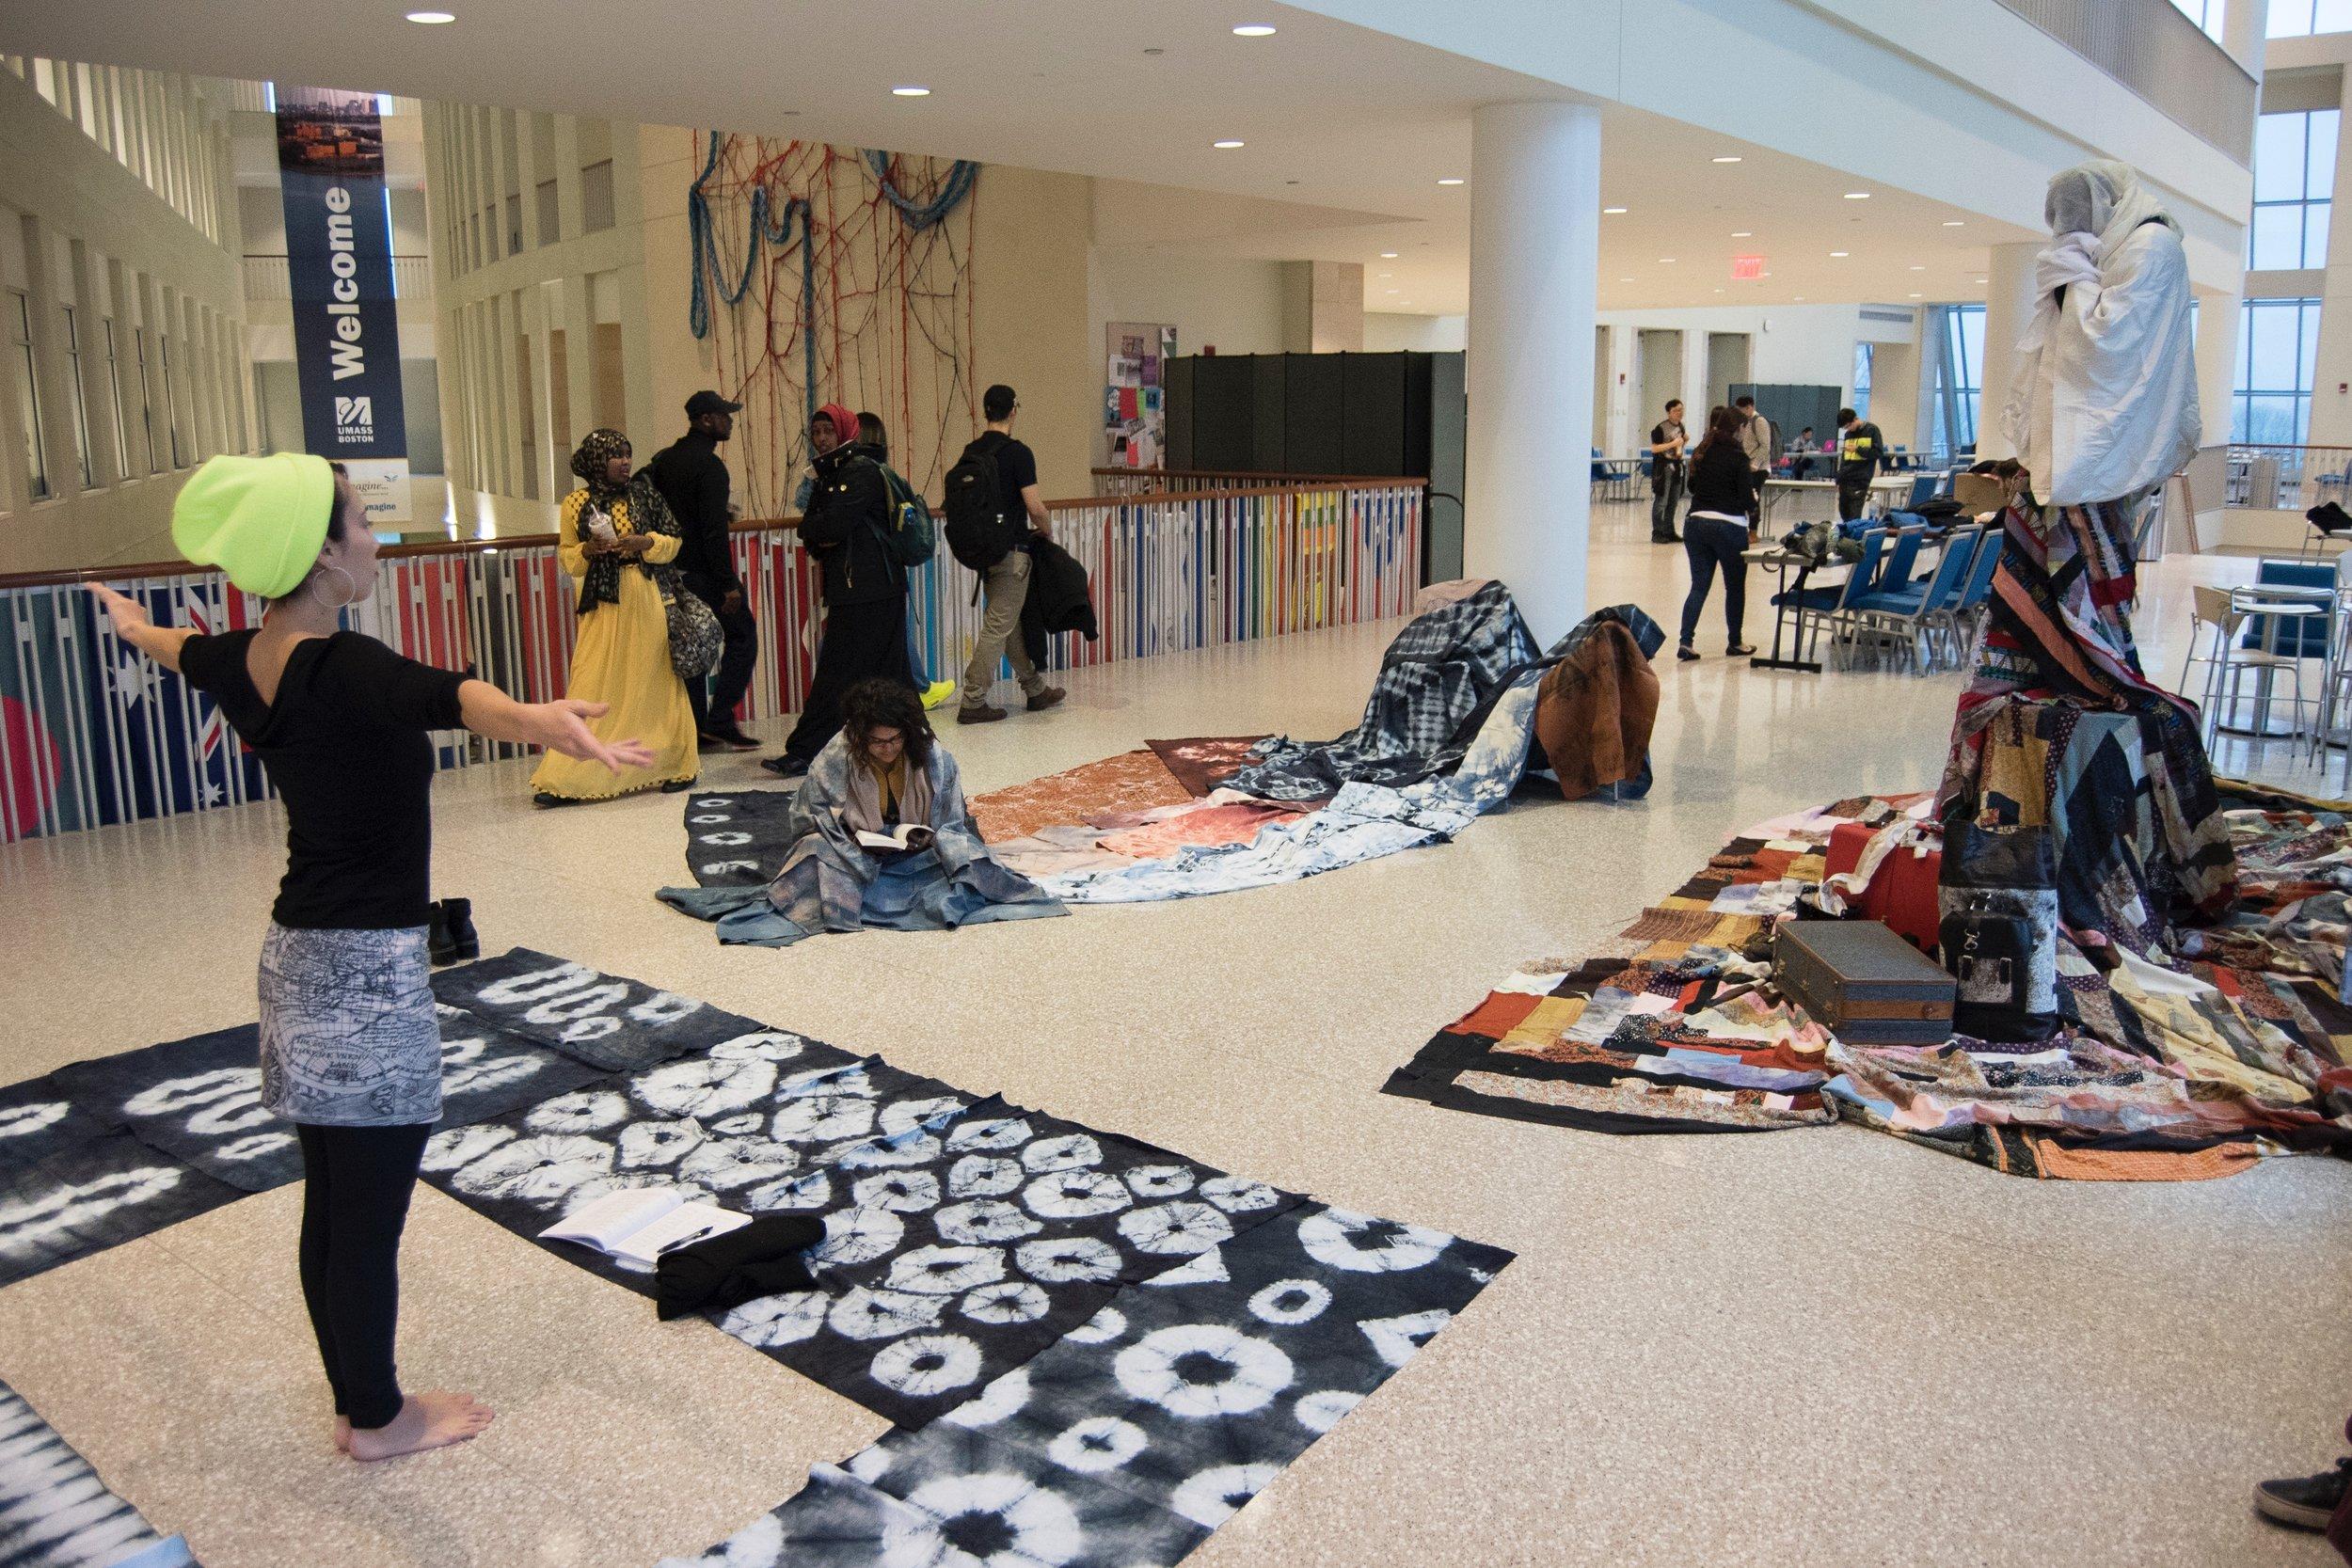 artssymposium_sgisd_nov22_qb_26.jpg